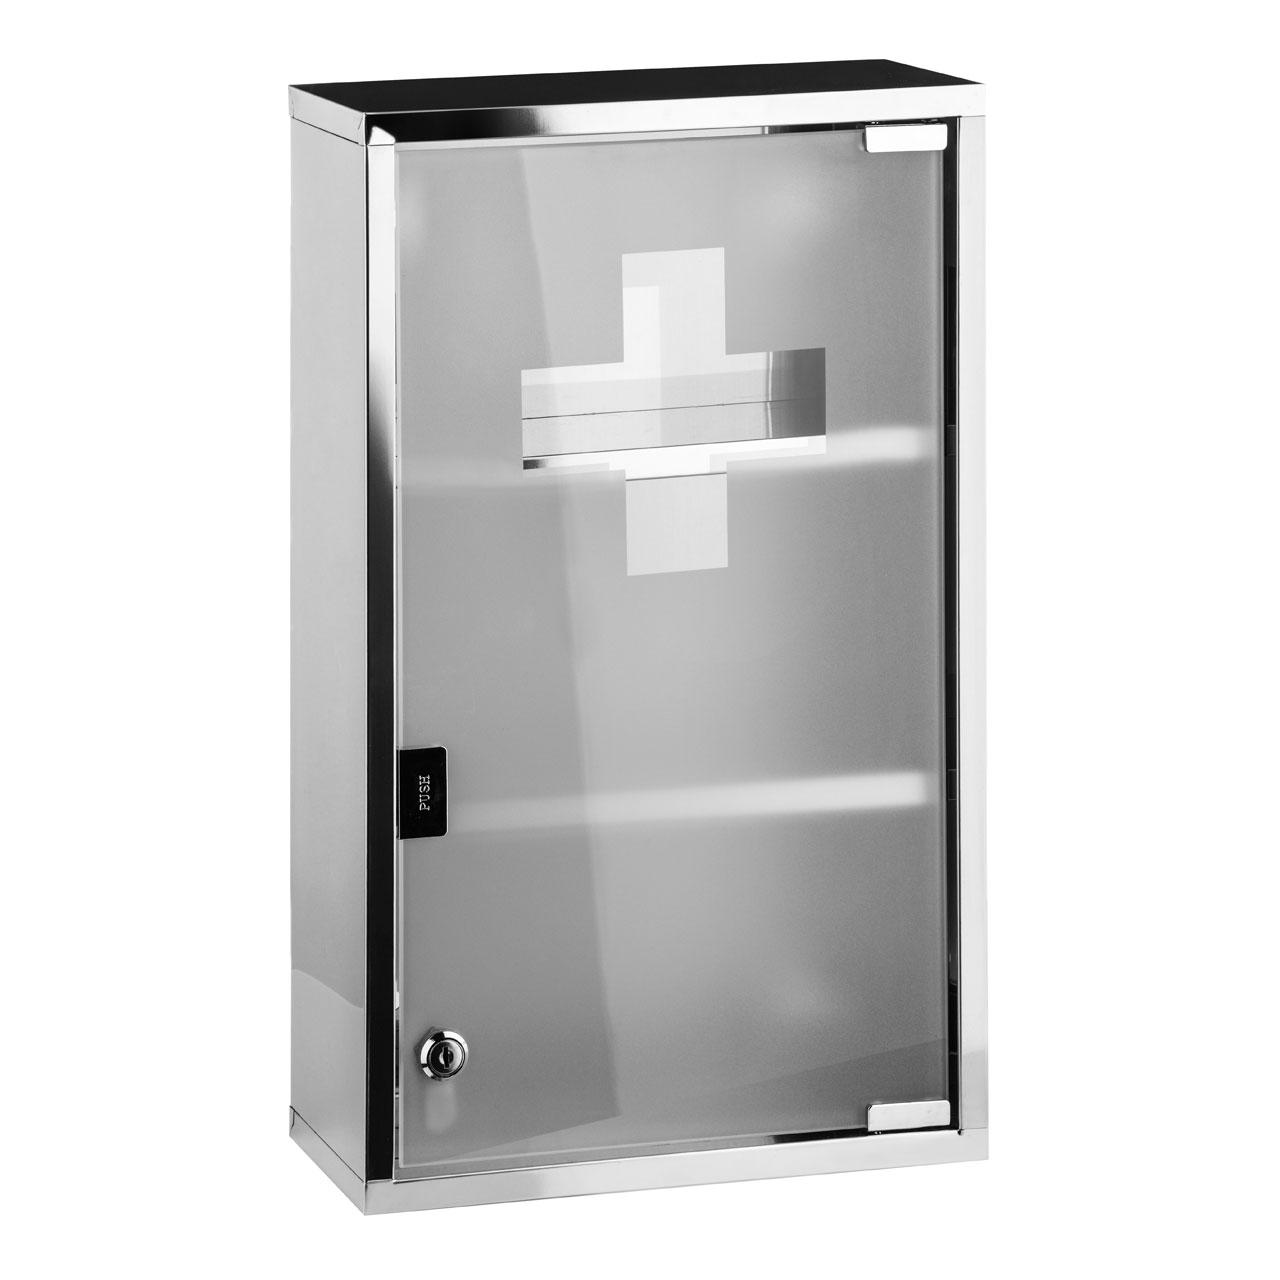 Premier Housewares Medicine Cabinet, Stainless Steel, Glass Door ...